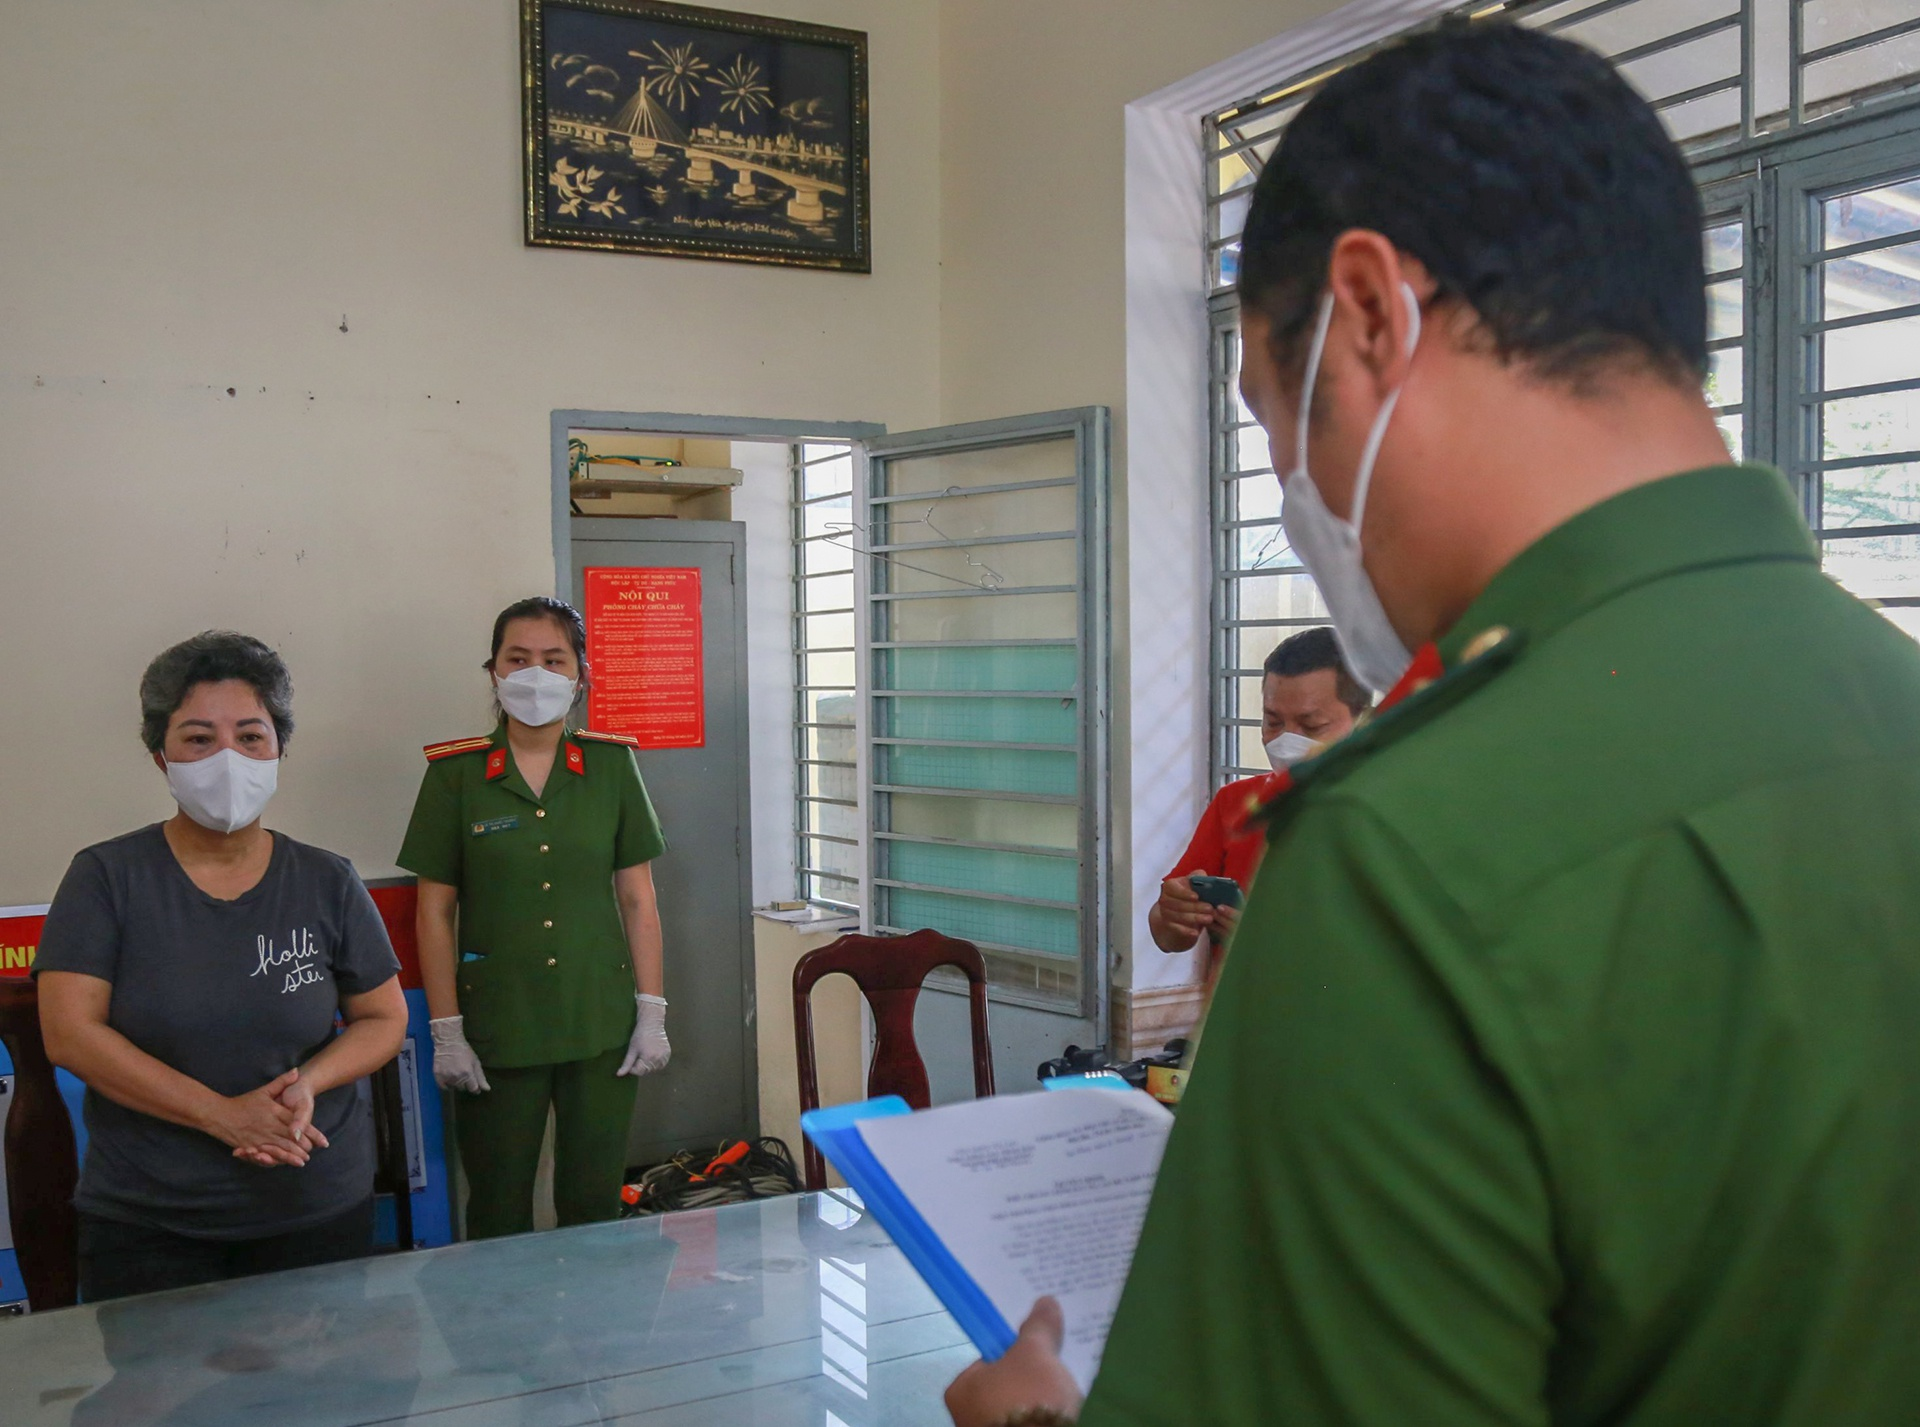 dung1 1631630830343 16316308319011299209058 Giả chữ ký Chủ tịch phường để bán đất cho Việt kiều